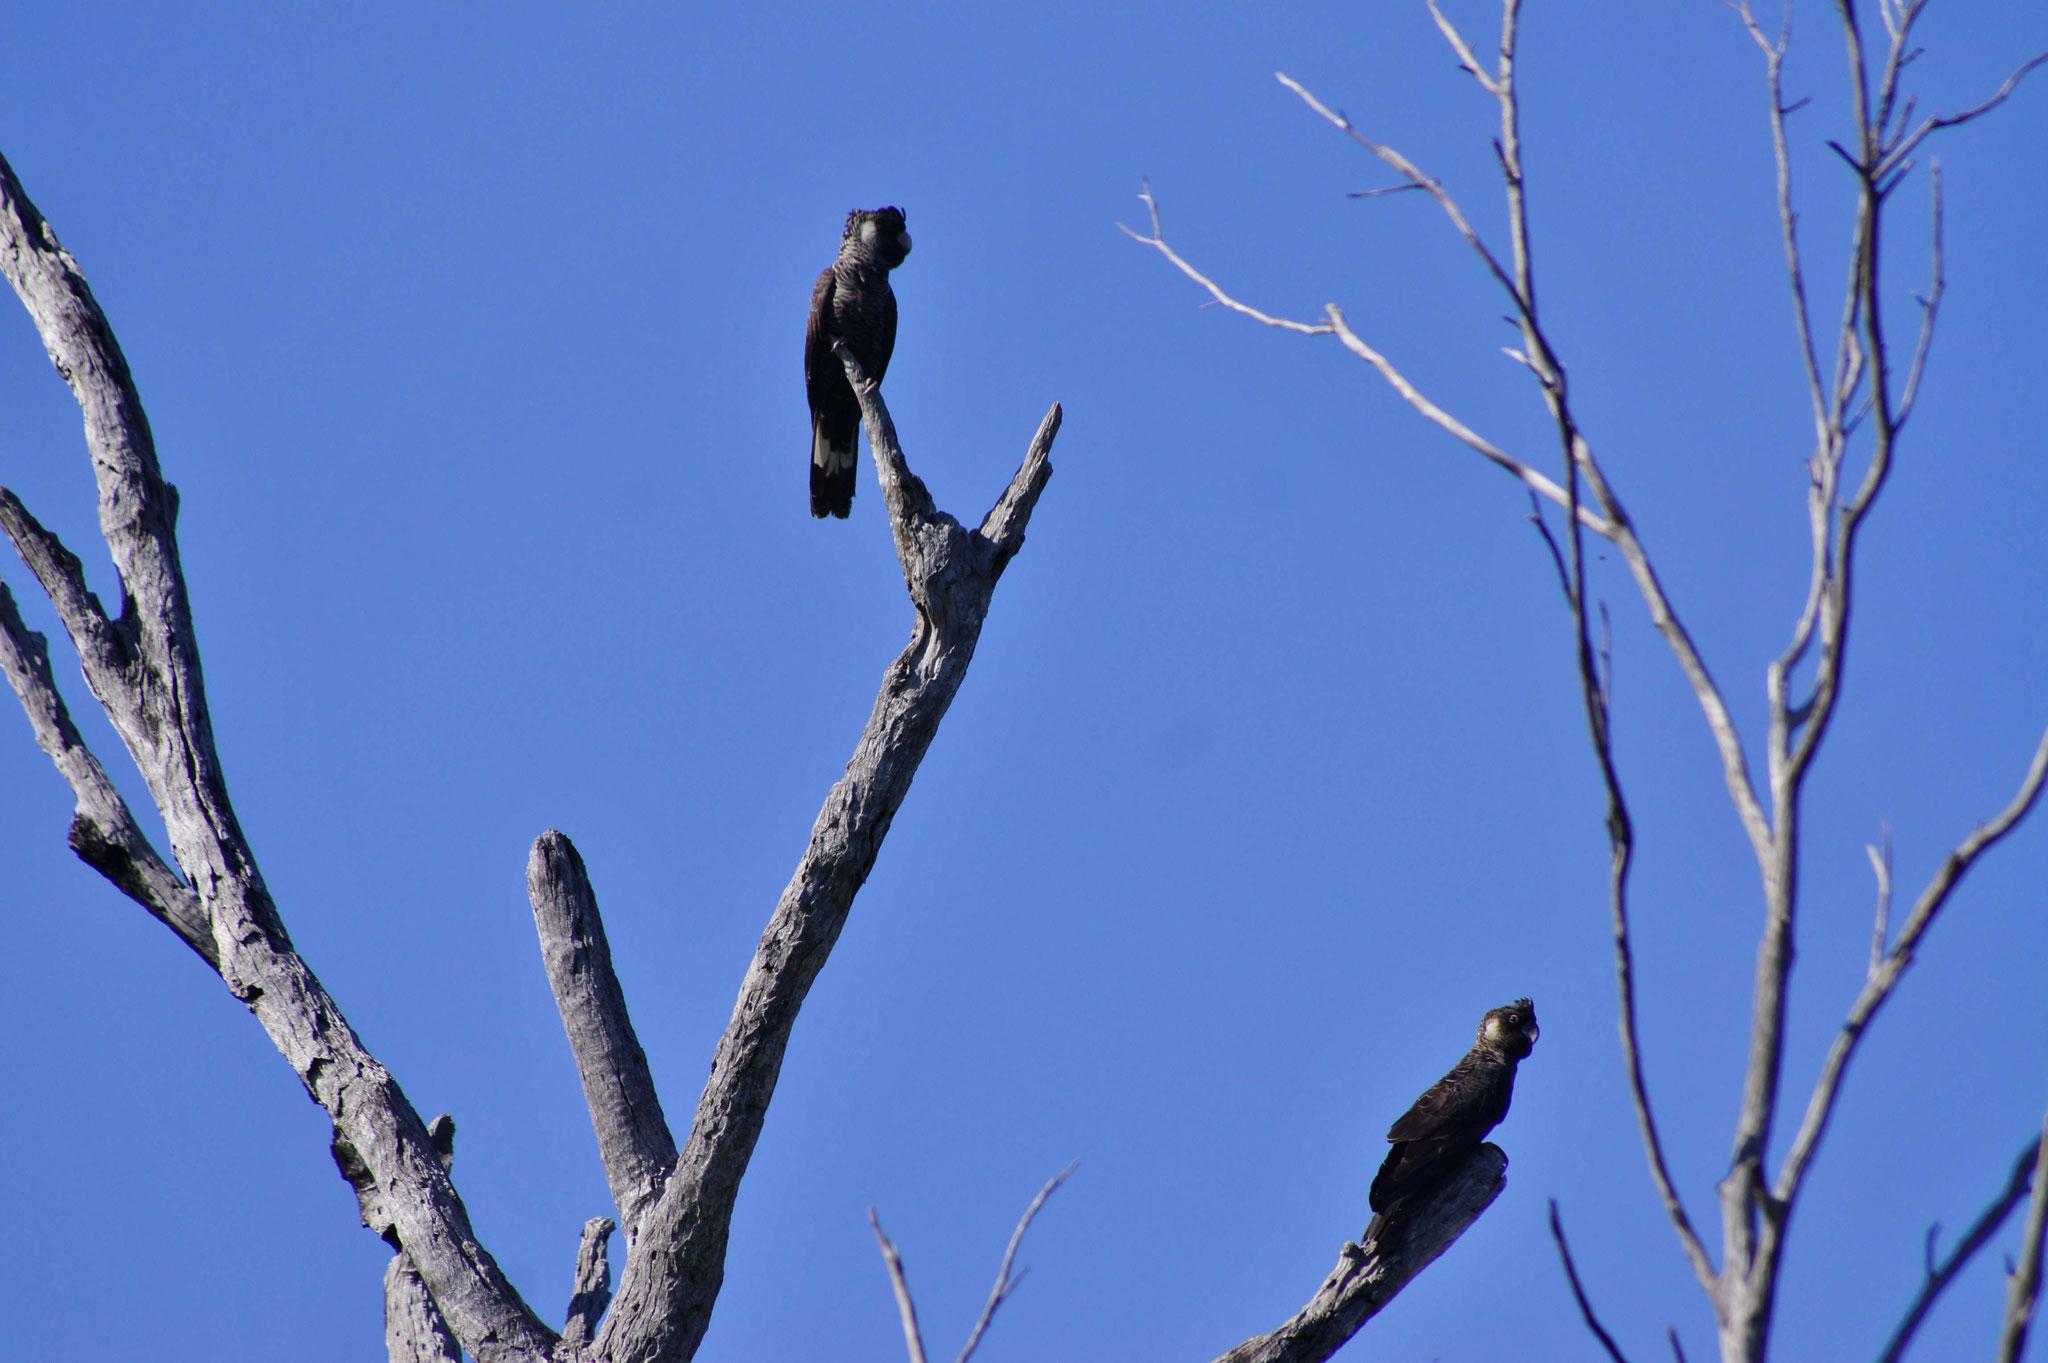 Schwarze Kakadus - sind sehr rar geworden